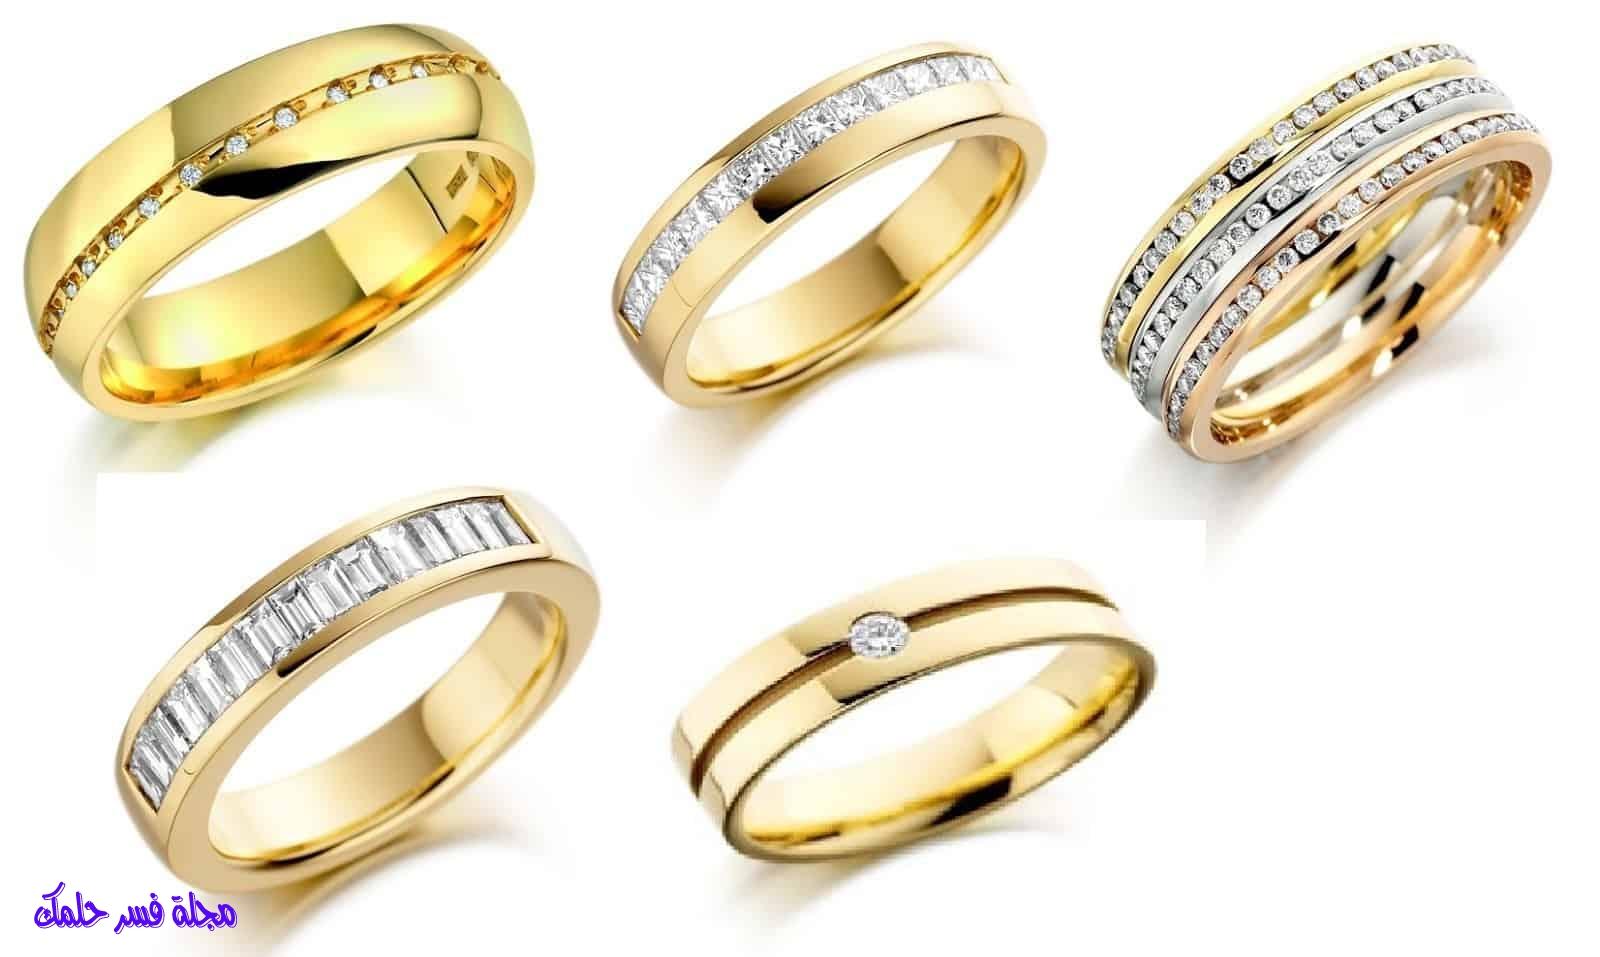 حلم الخاتم للمتزوجة في المنام لابن سيرين – حلم الخاتم للمرأة